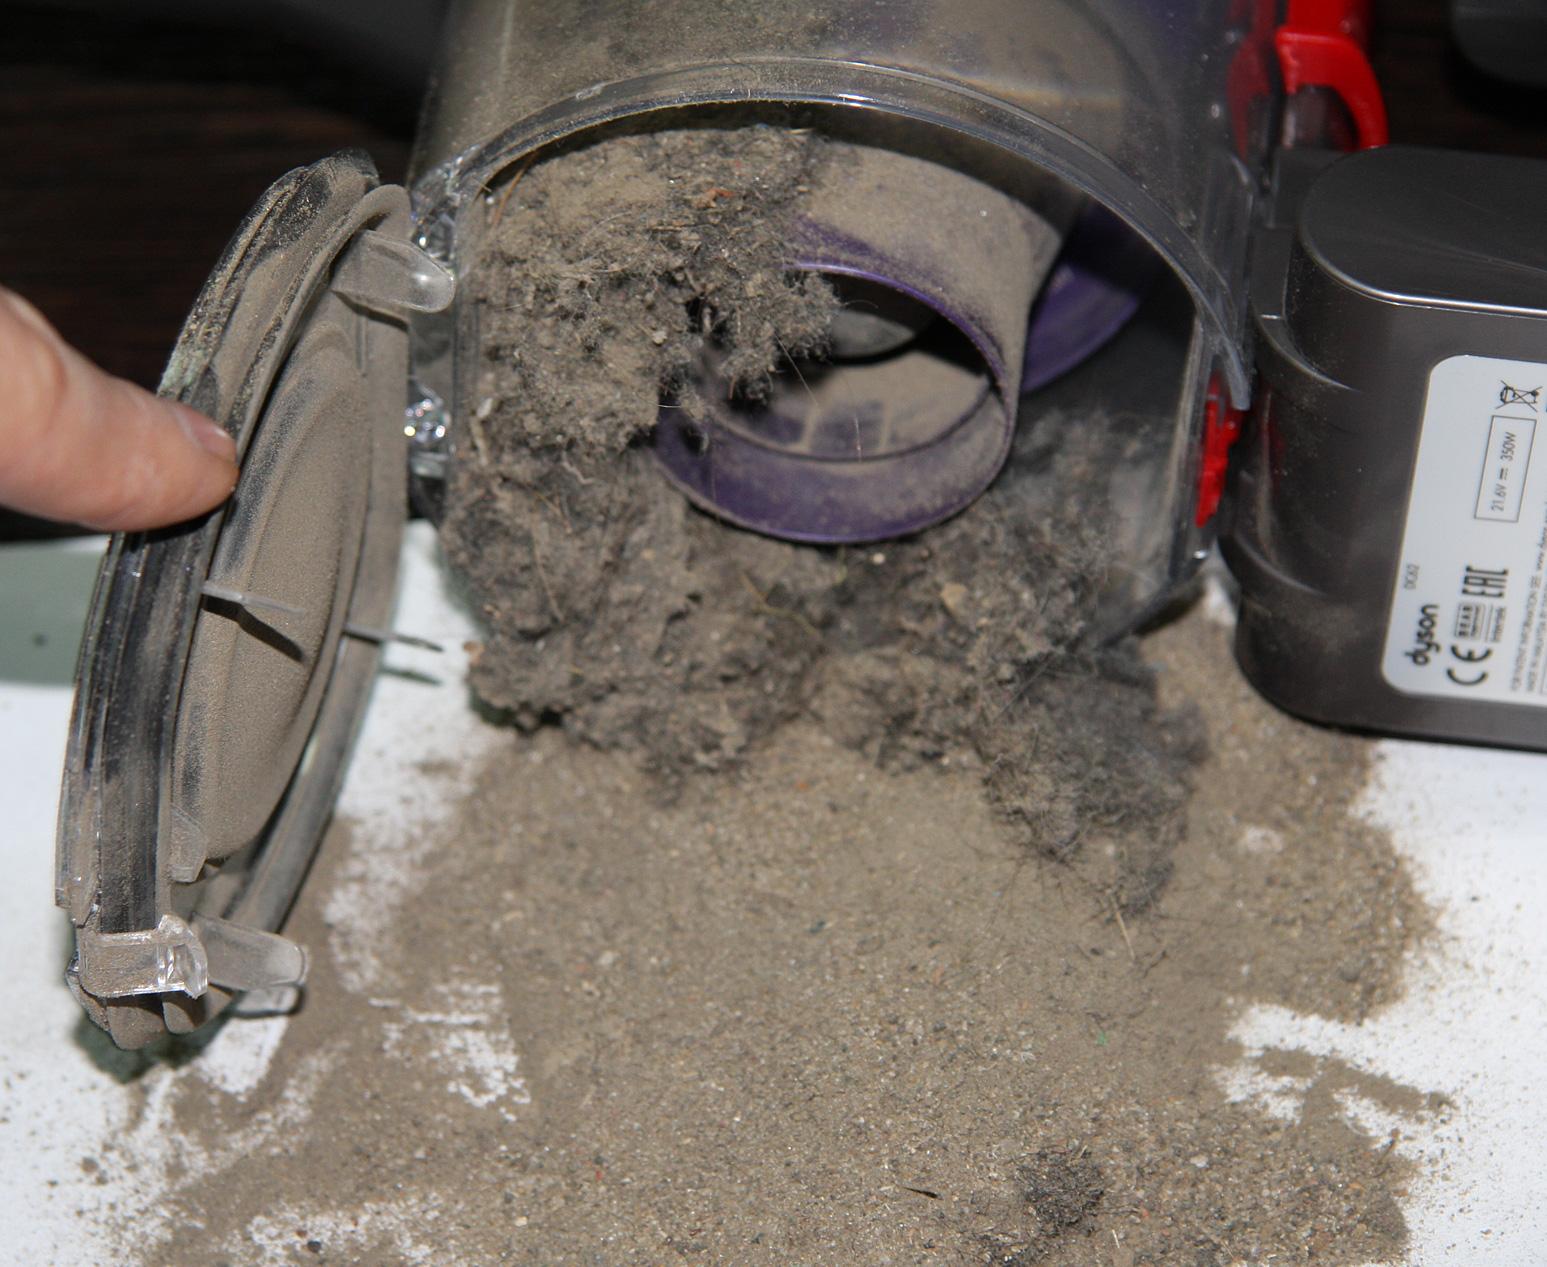 можно ли мыть контейнер пылесоса дайсон